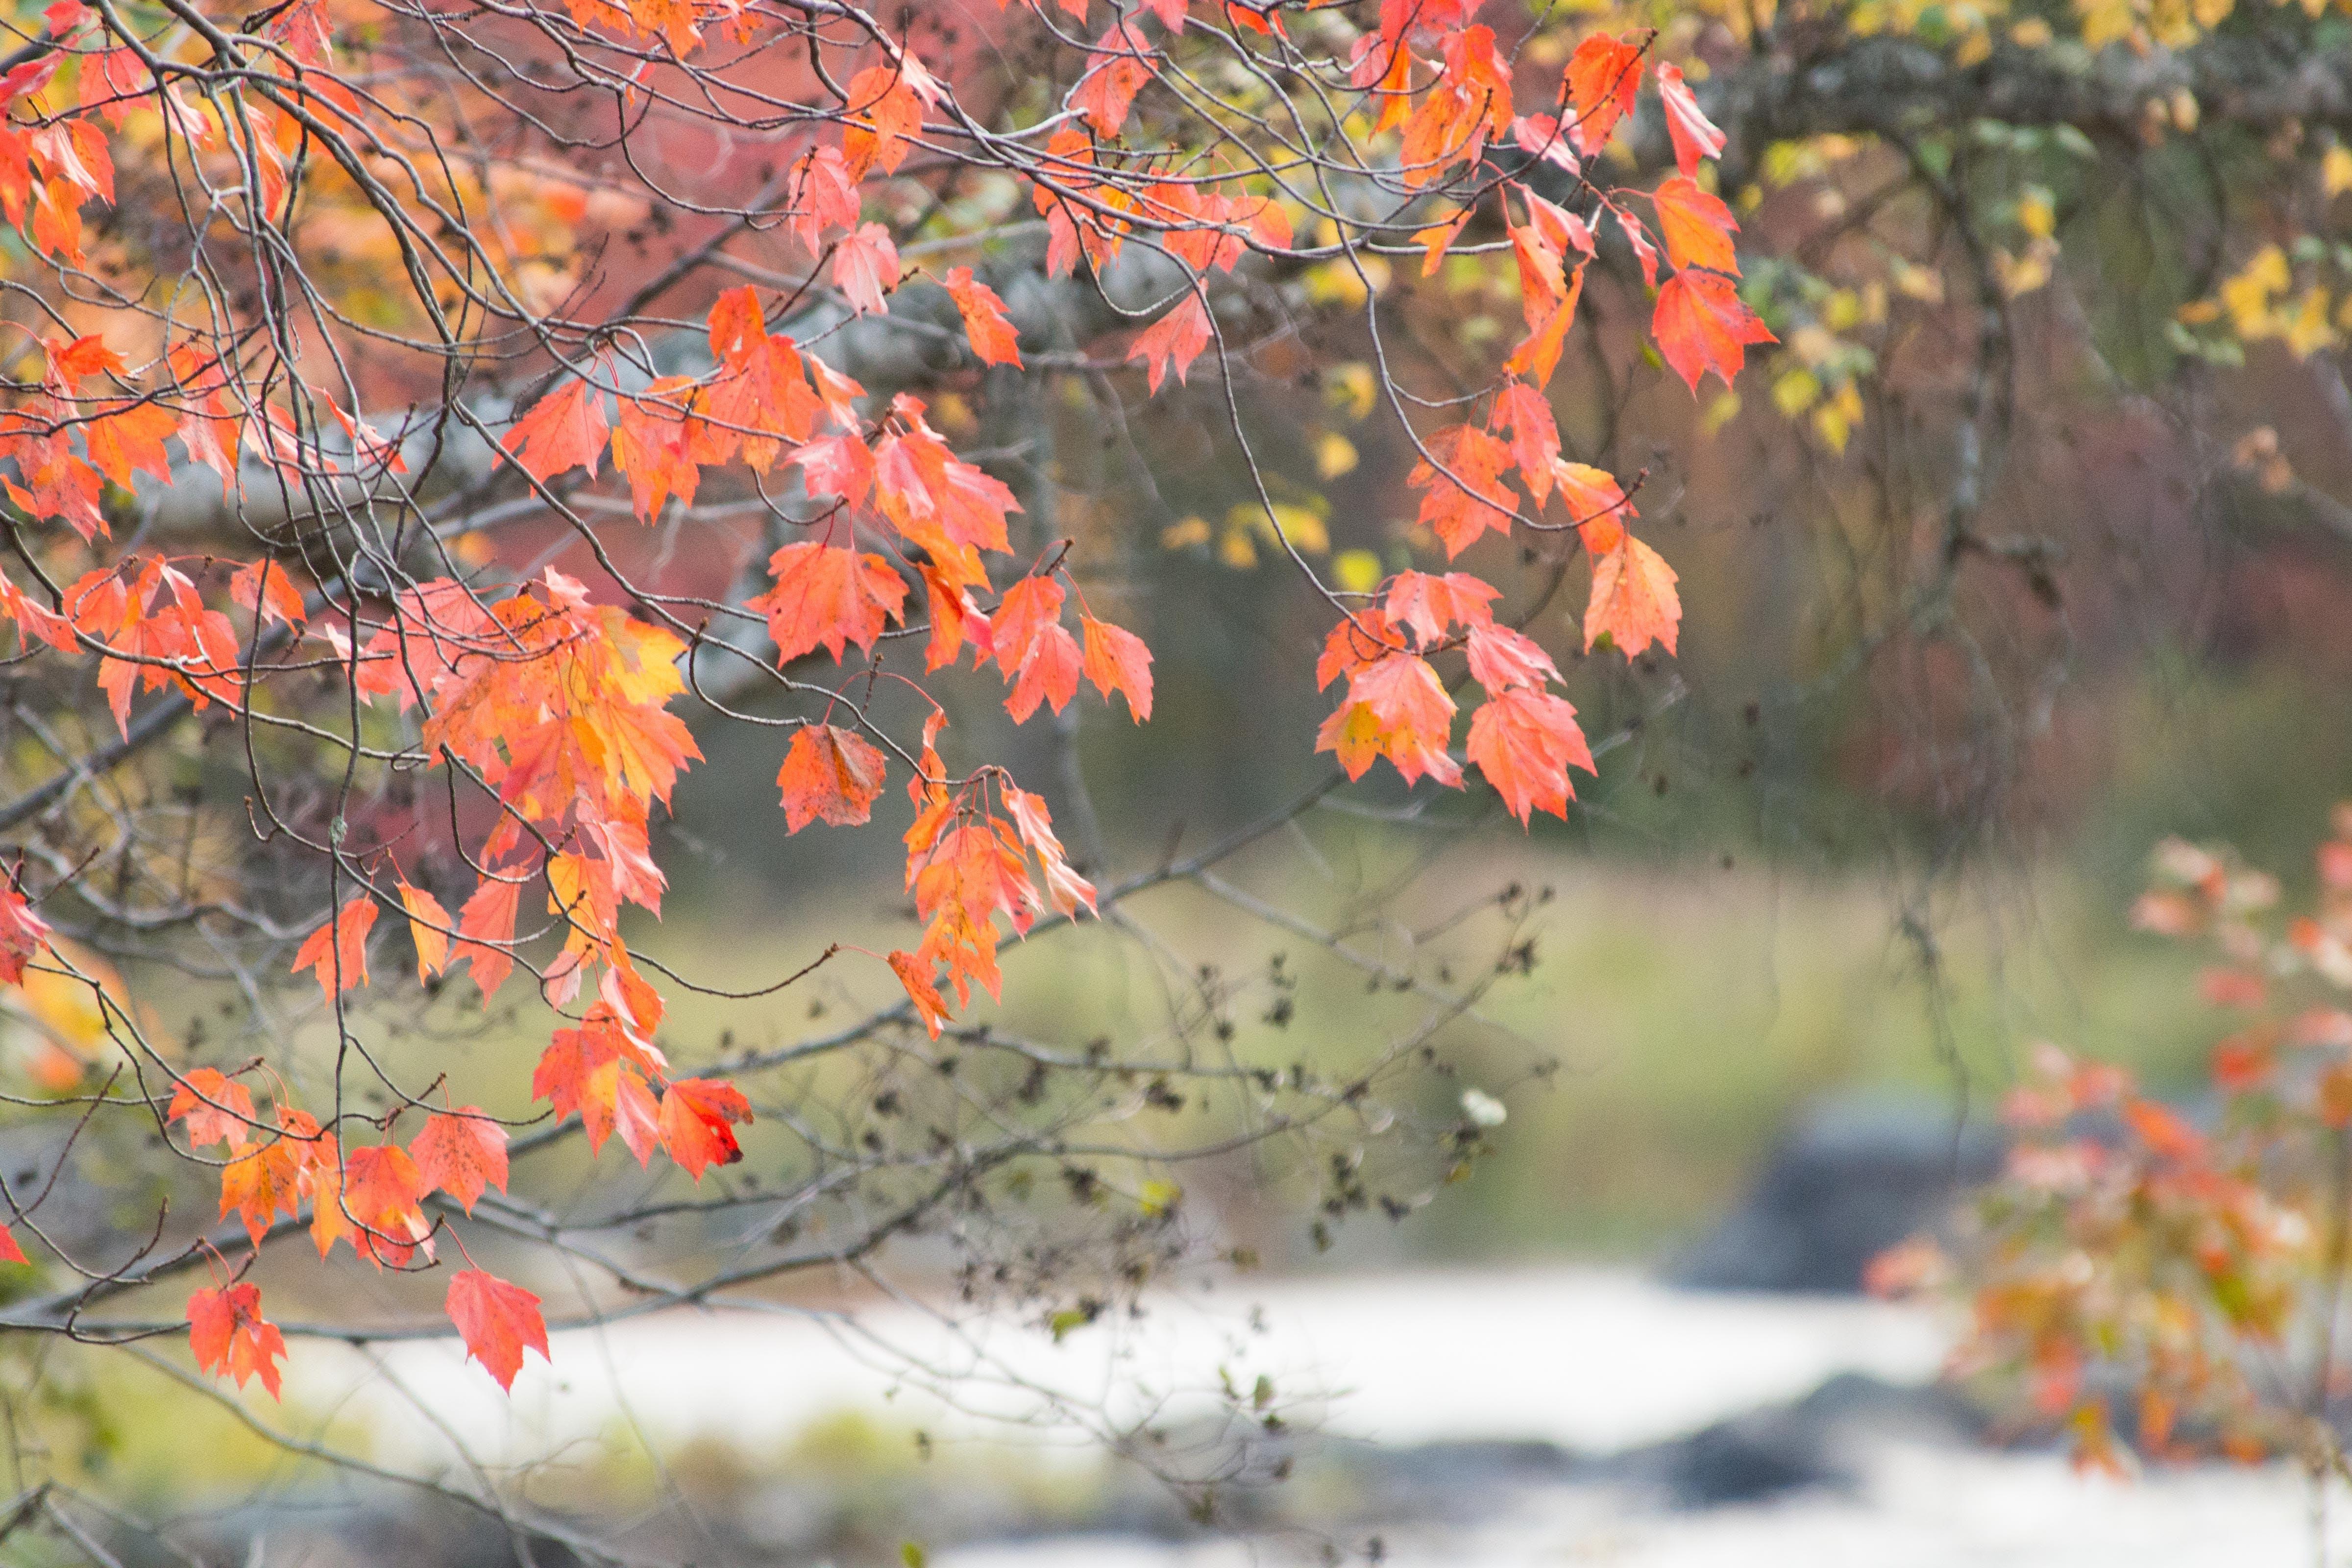 Free stock photo of autumn leaves, fall foliage